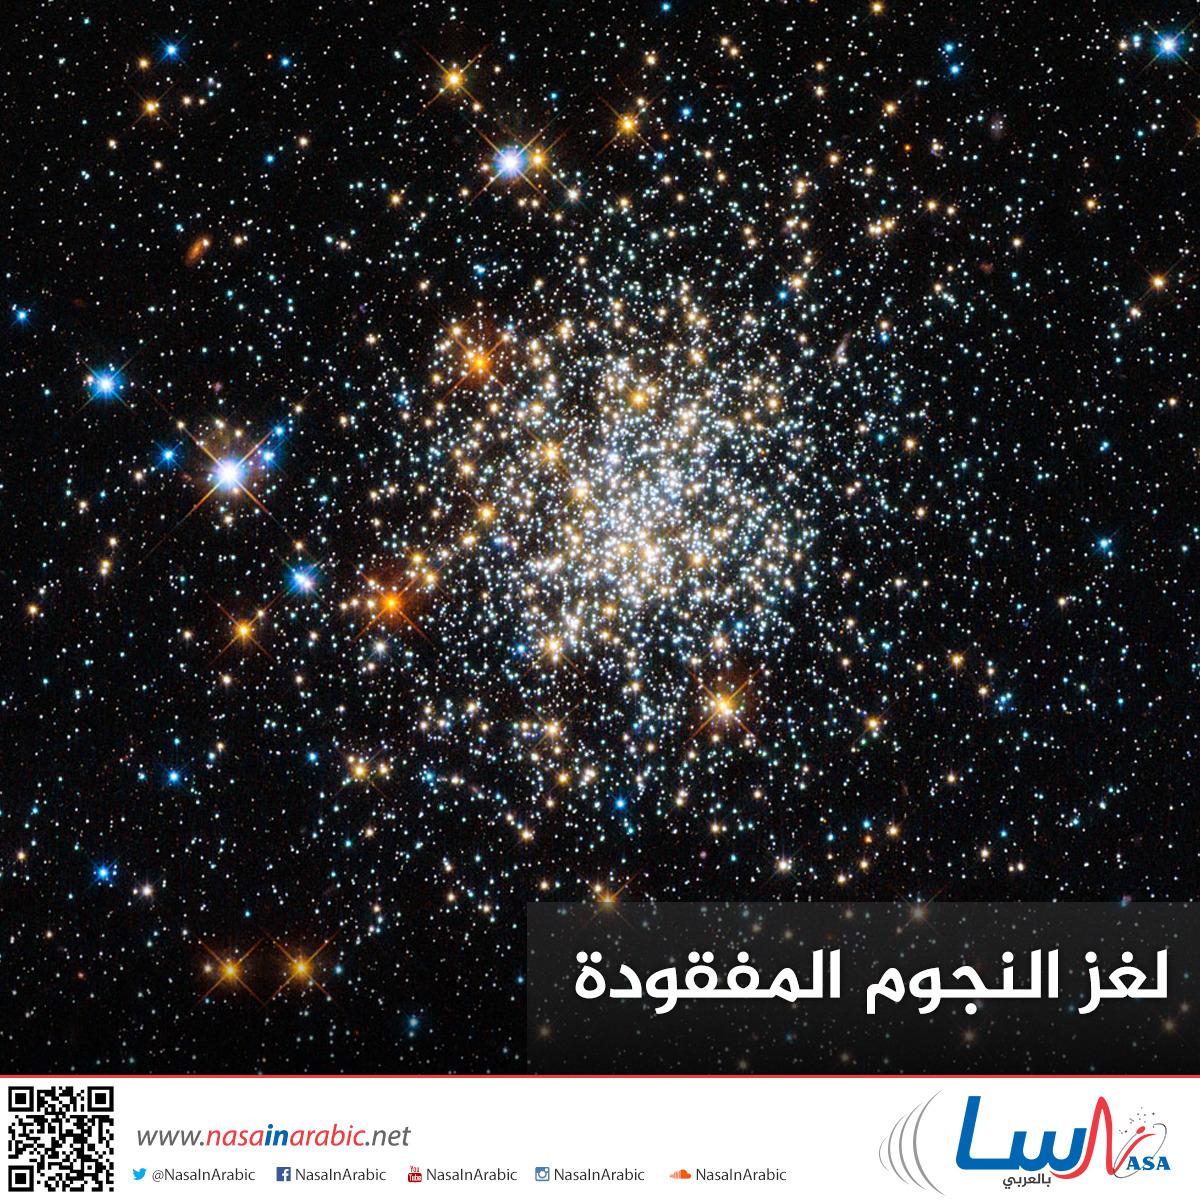 لغز النجوم المفقودة